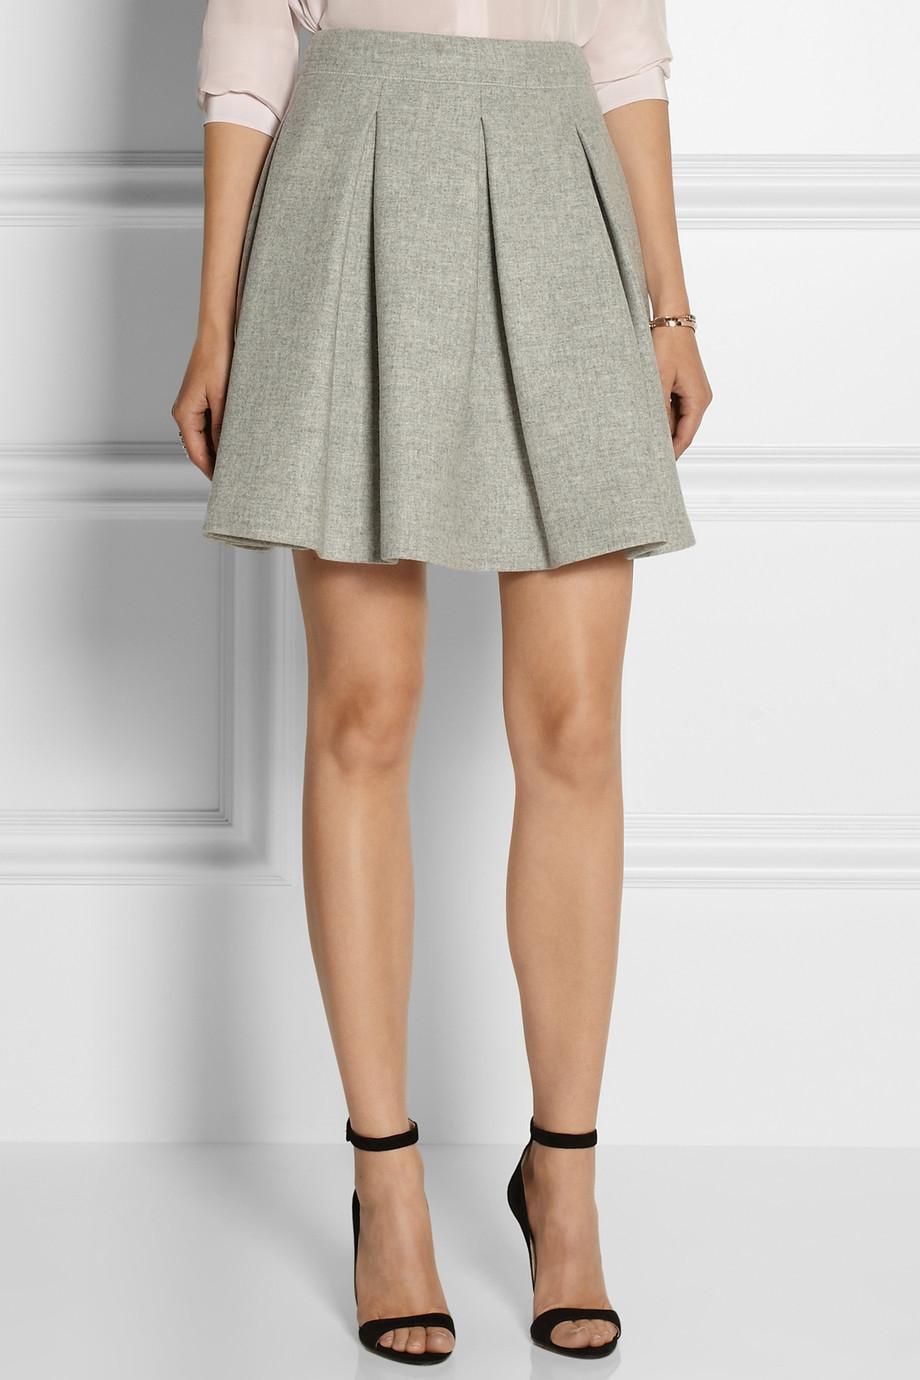 Miu miu Pleated Wool Mini Skirt in Gray | Lyst